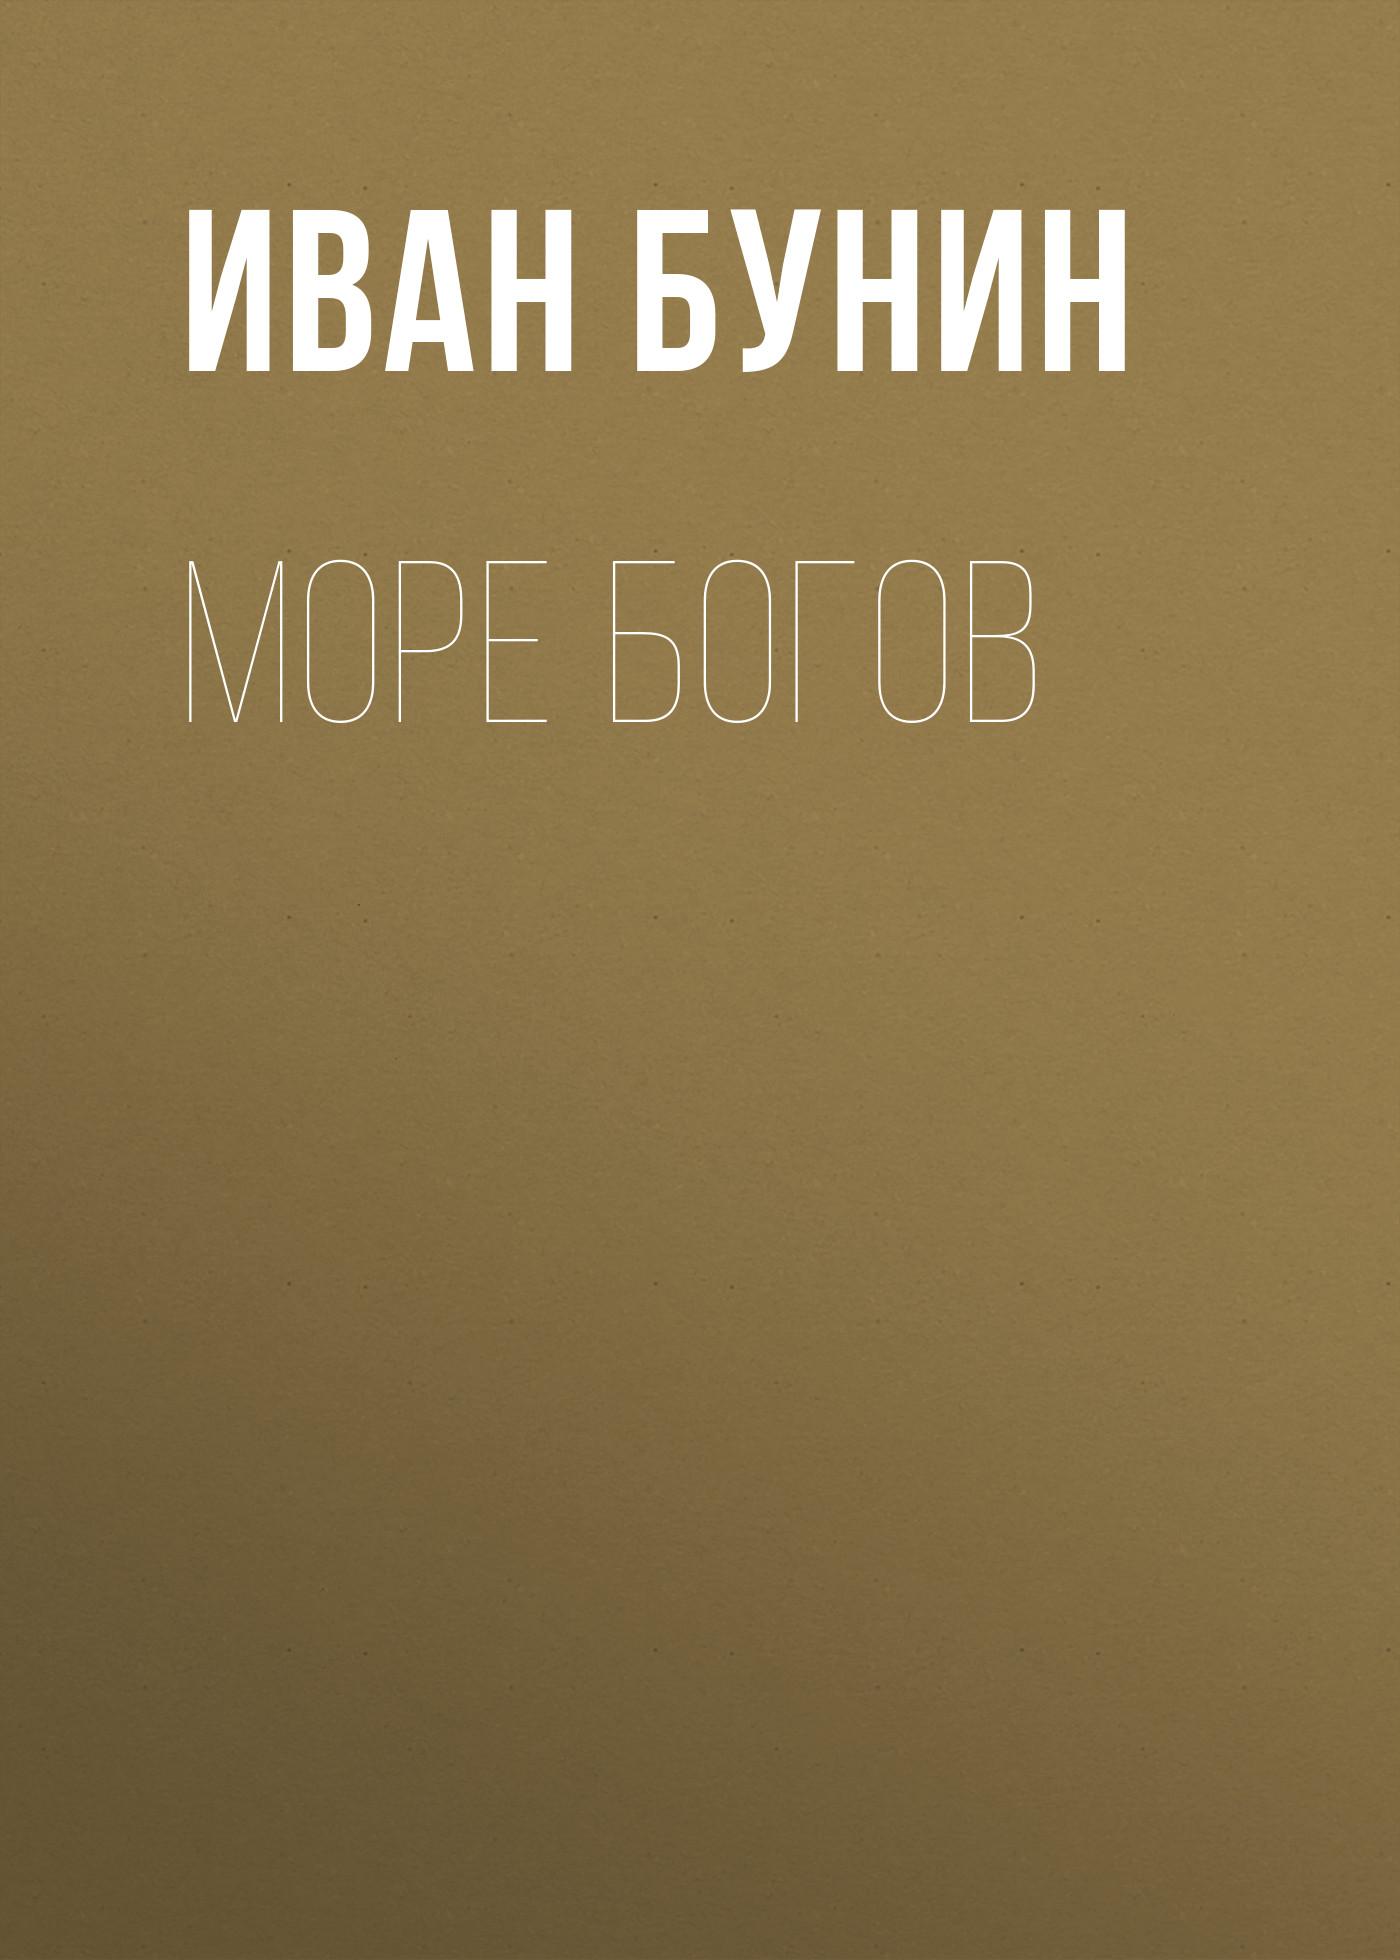 цена на Иван Бунин Море богов